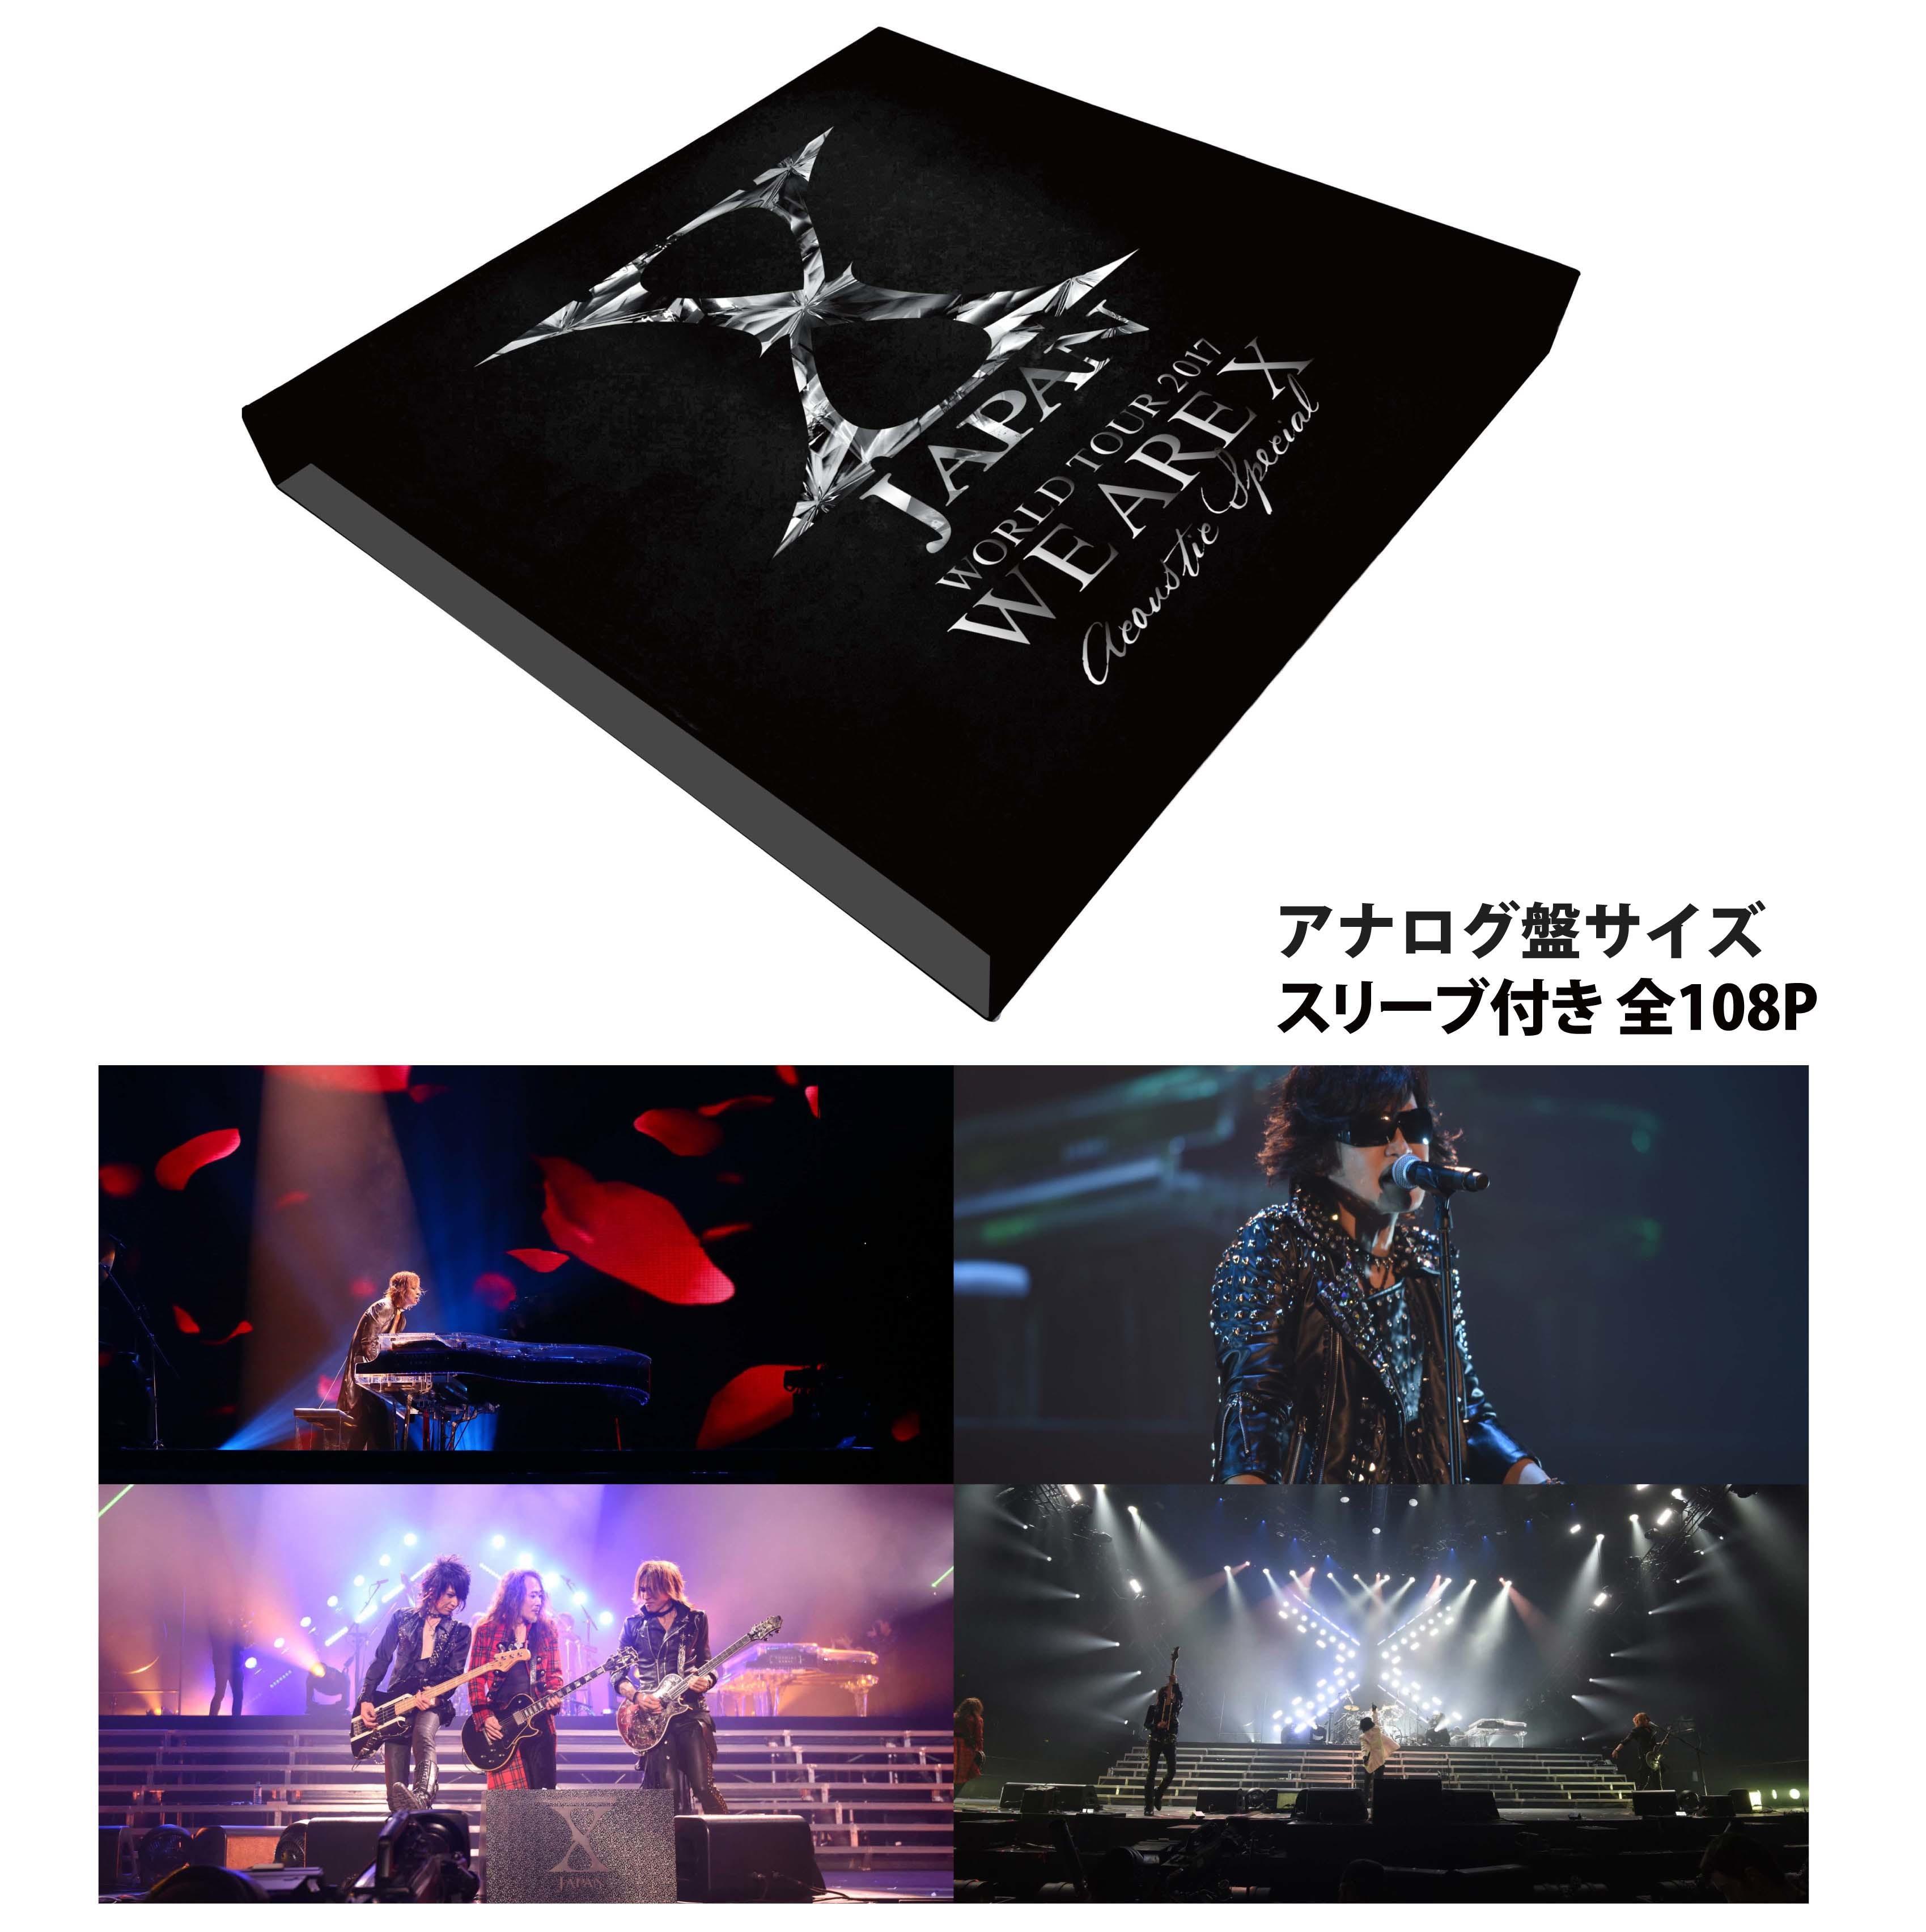 X JAPAN ツアーパンフ